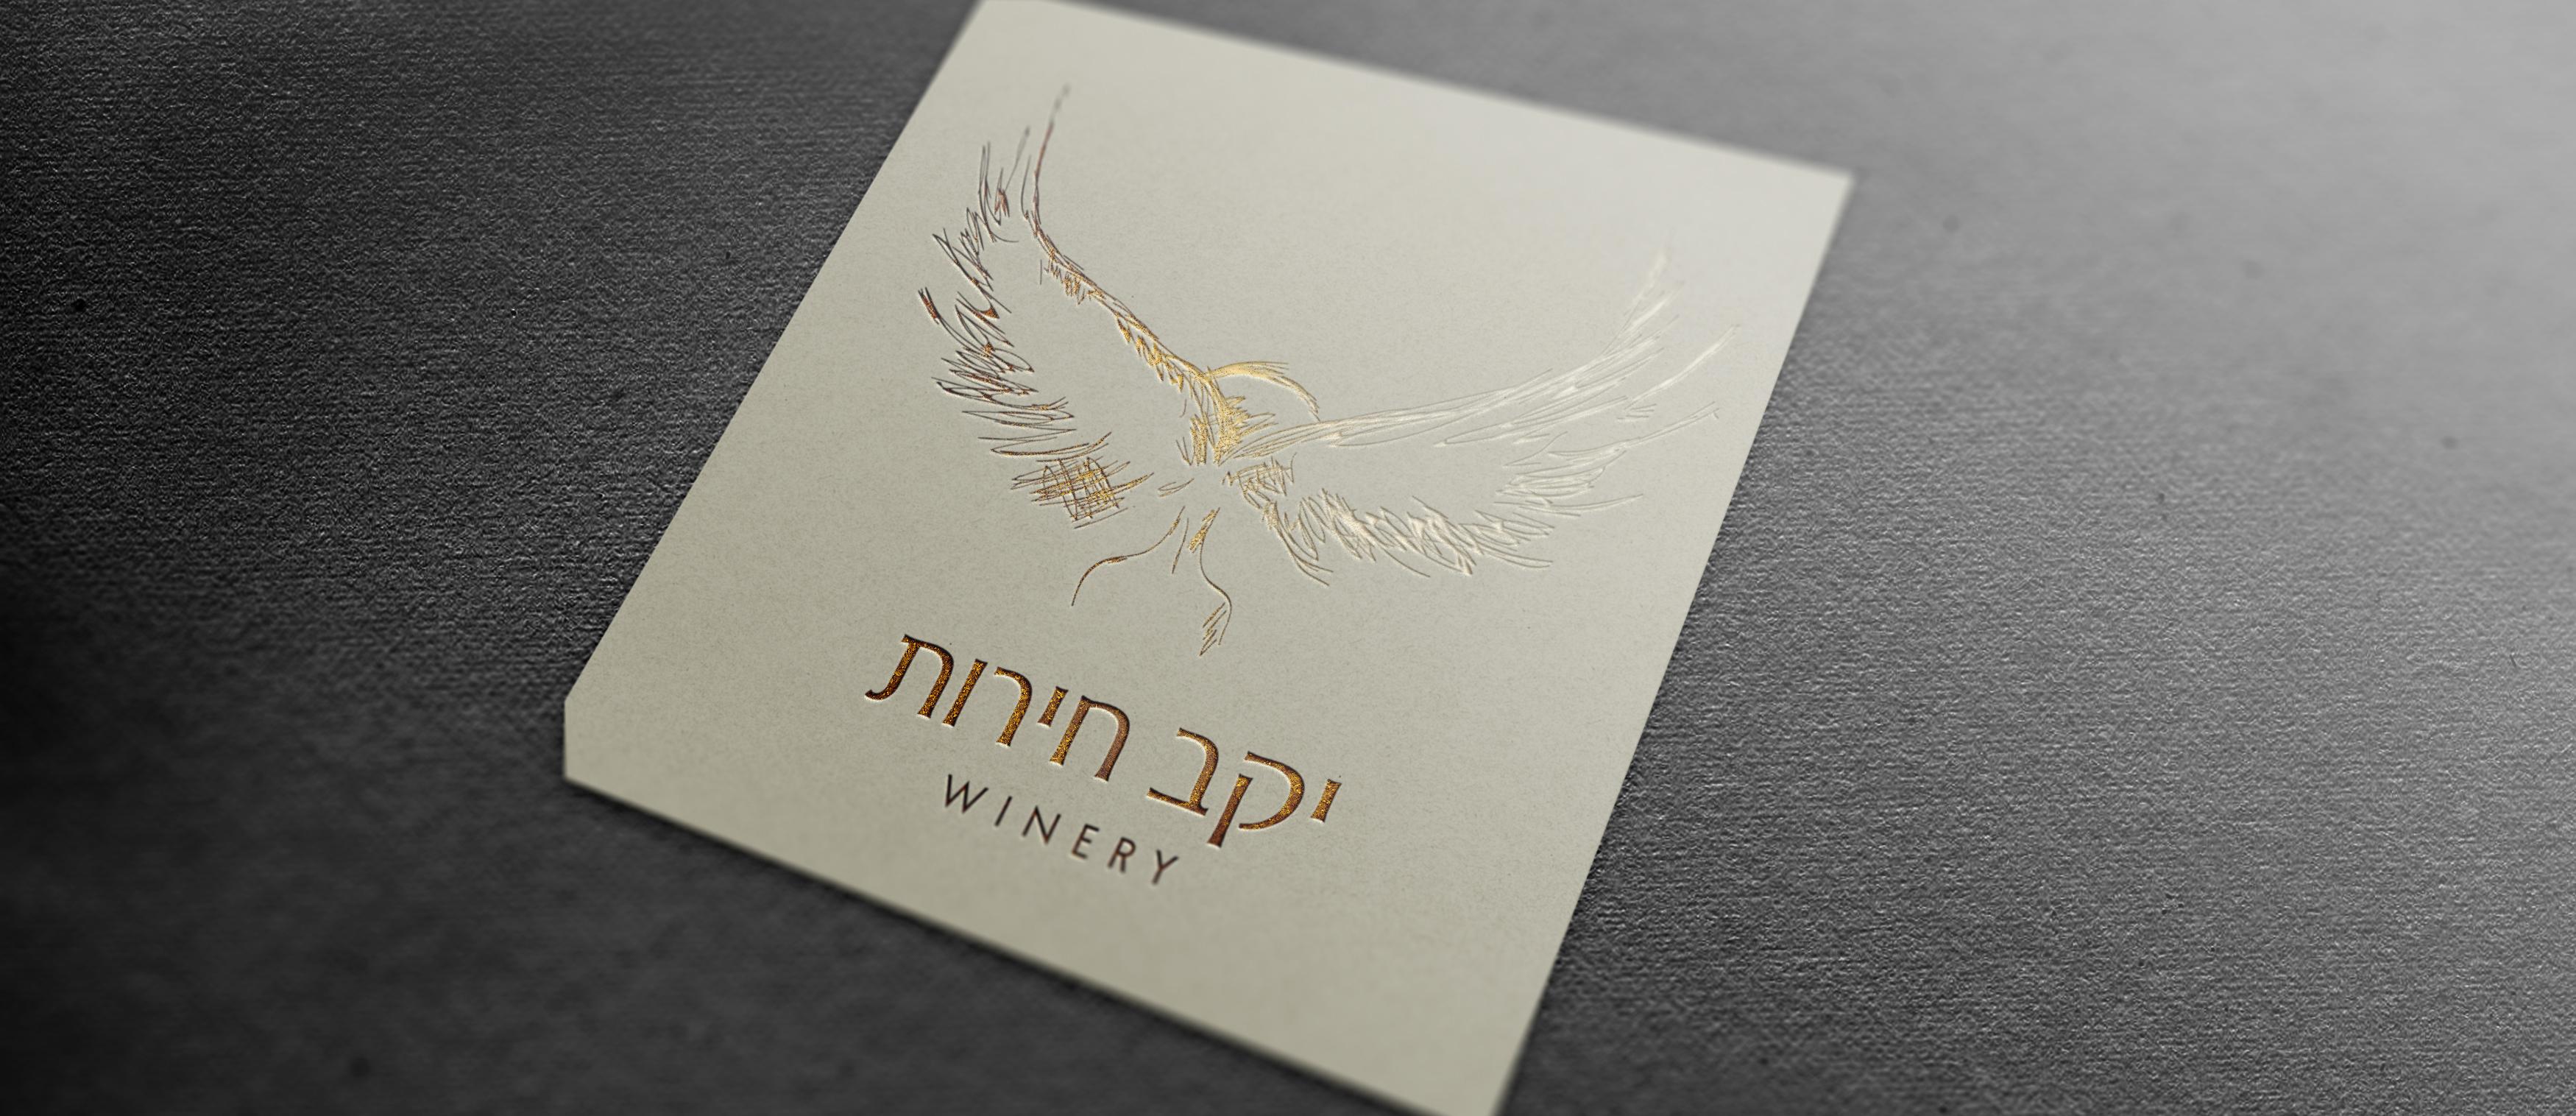 logo-yekev-cherut (3)